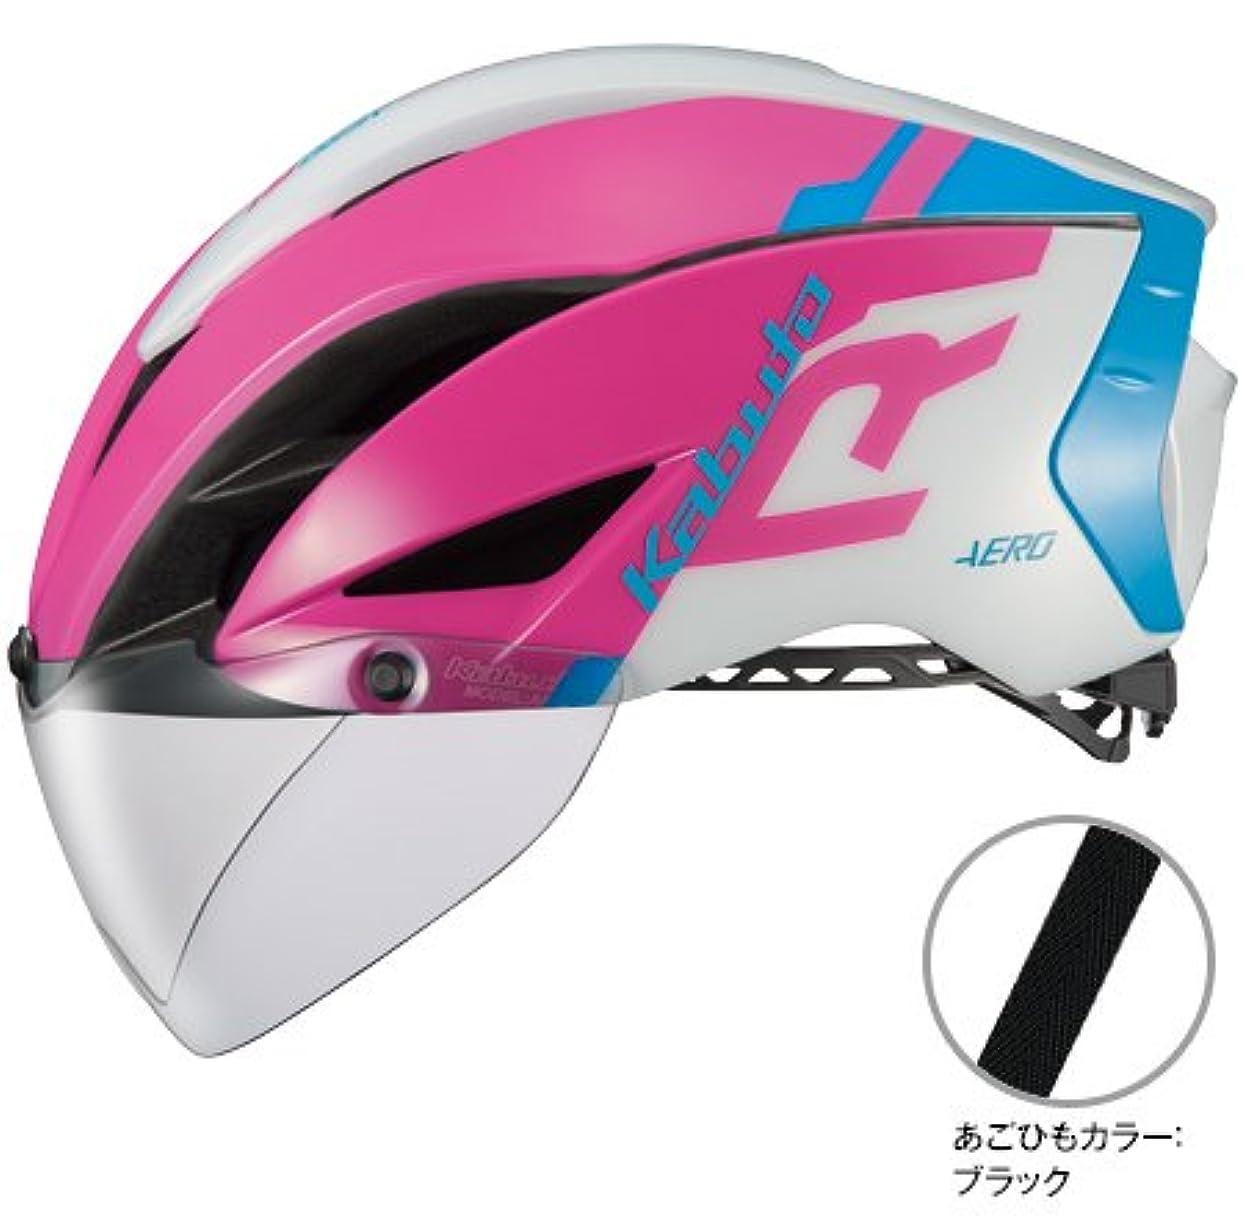 スクラッチ委員会魅力OGK Kabuto(オージーケーカブト) AERO-R1 L/XLサイズ G-1ピンクブルー ヘルメット エアロR1